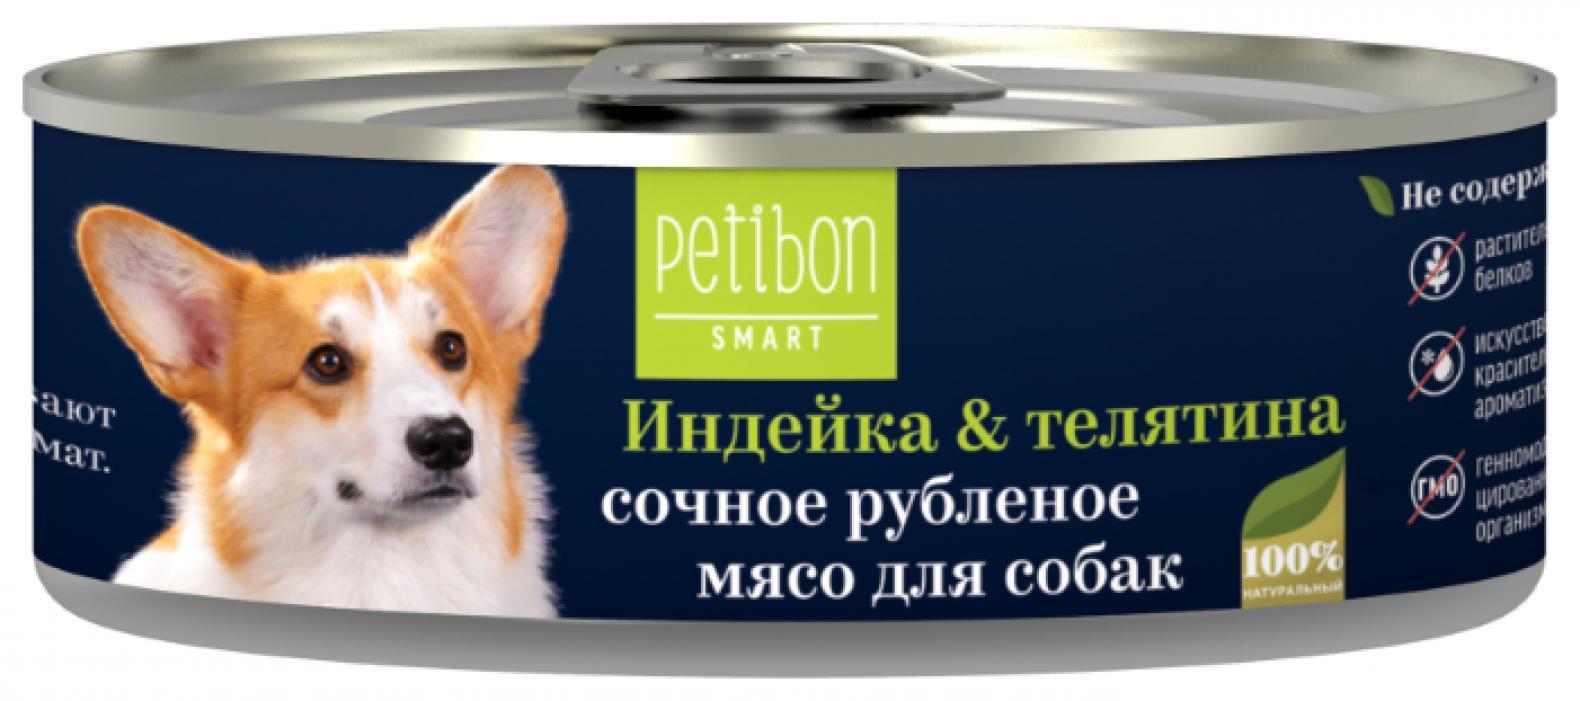 Petibon Smart влажный корм для собак всех пород и возрастов, говядина и ягнёнок 100 гр